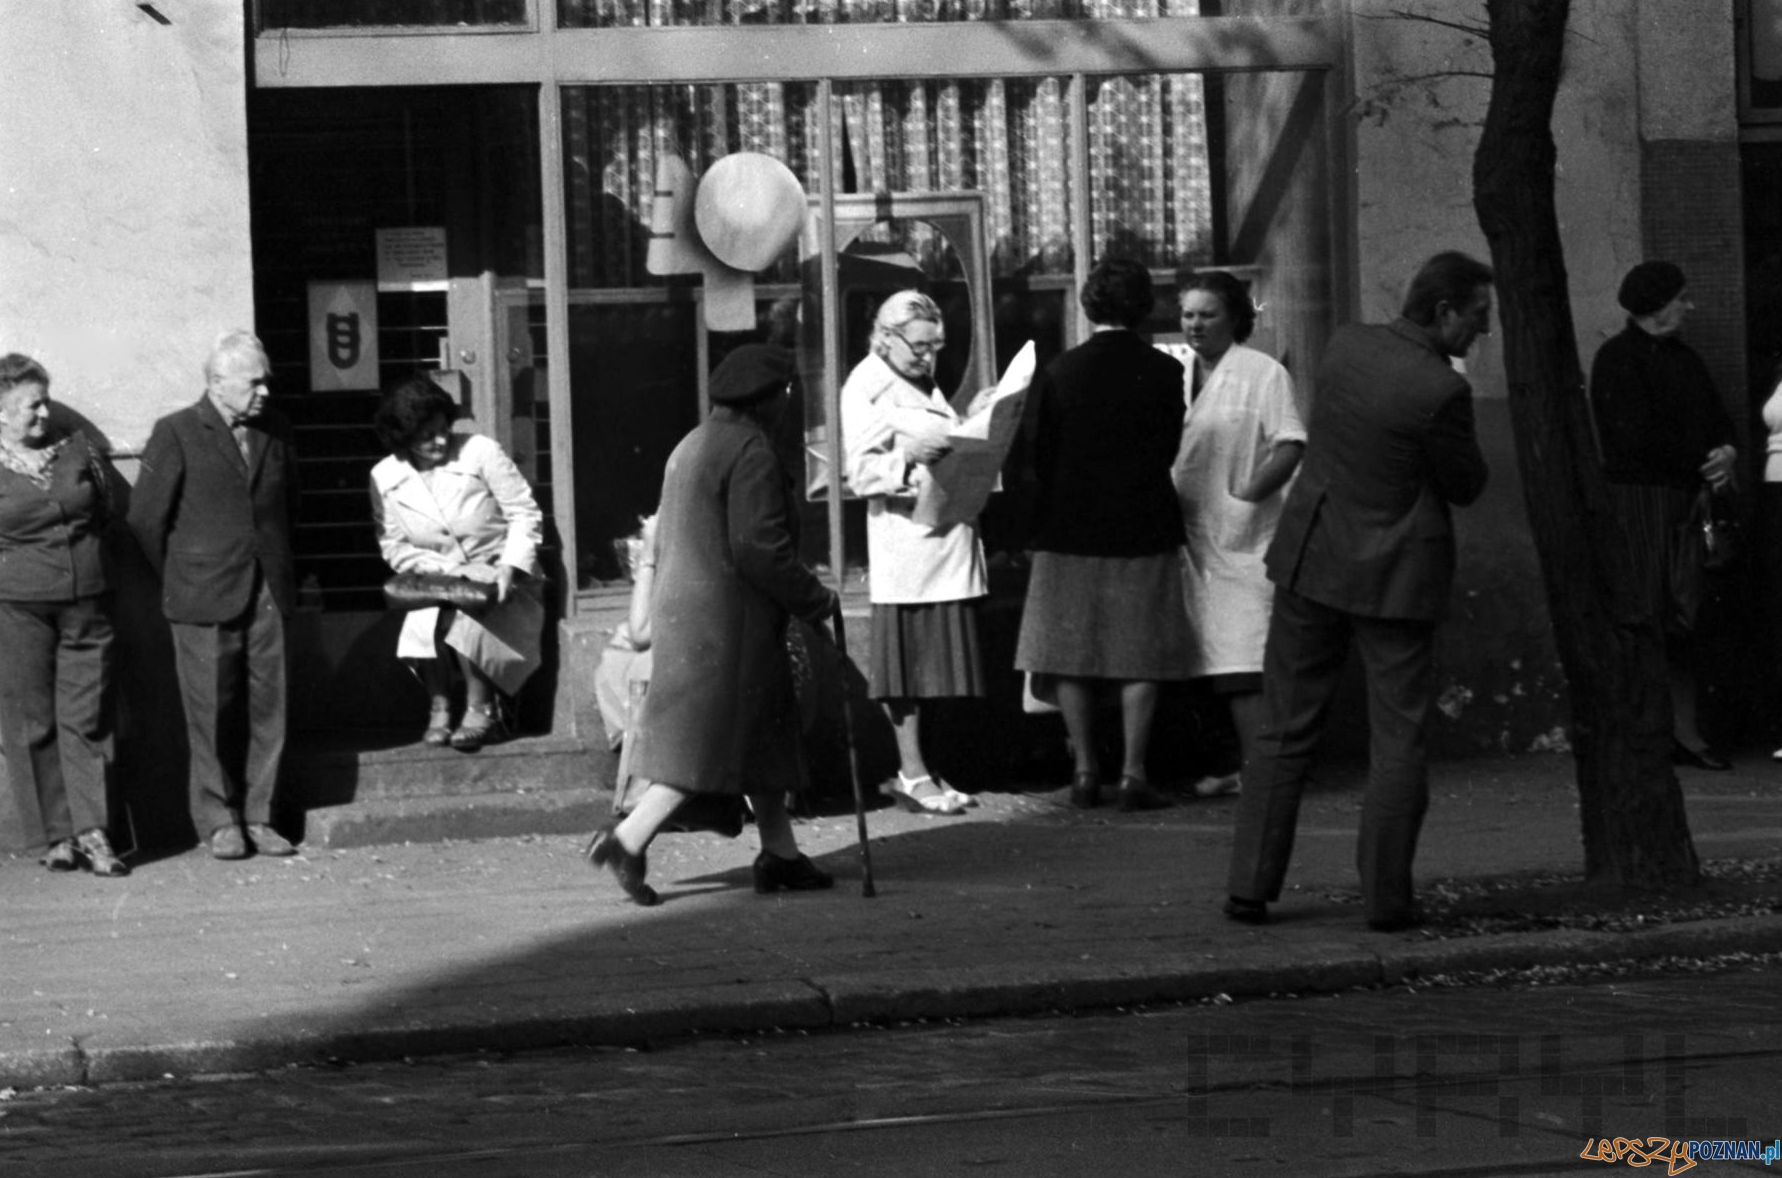 Kolejka do miesnego na Kraszewskiego 1981 St. Wiktor Cyryl  Foto: